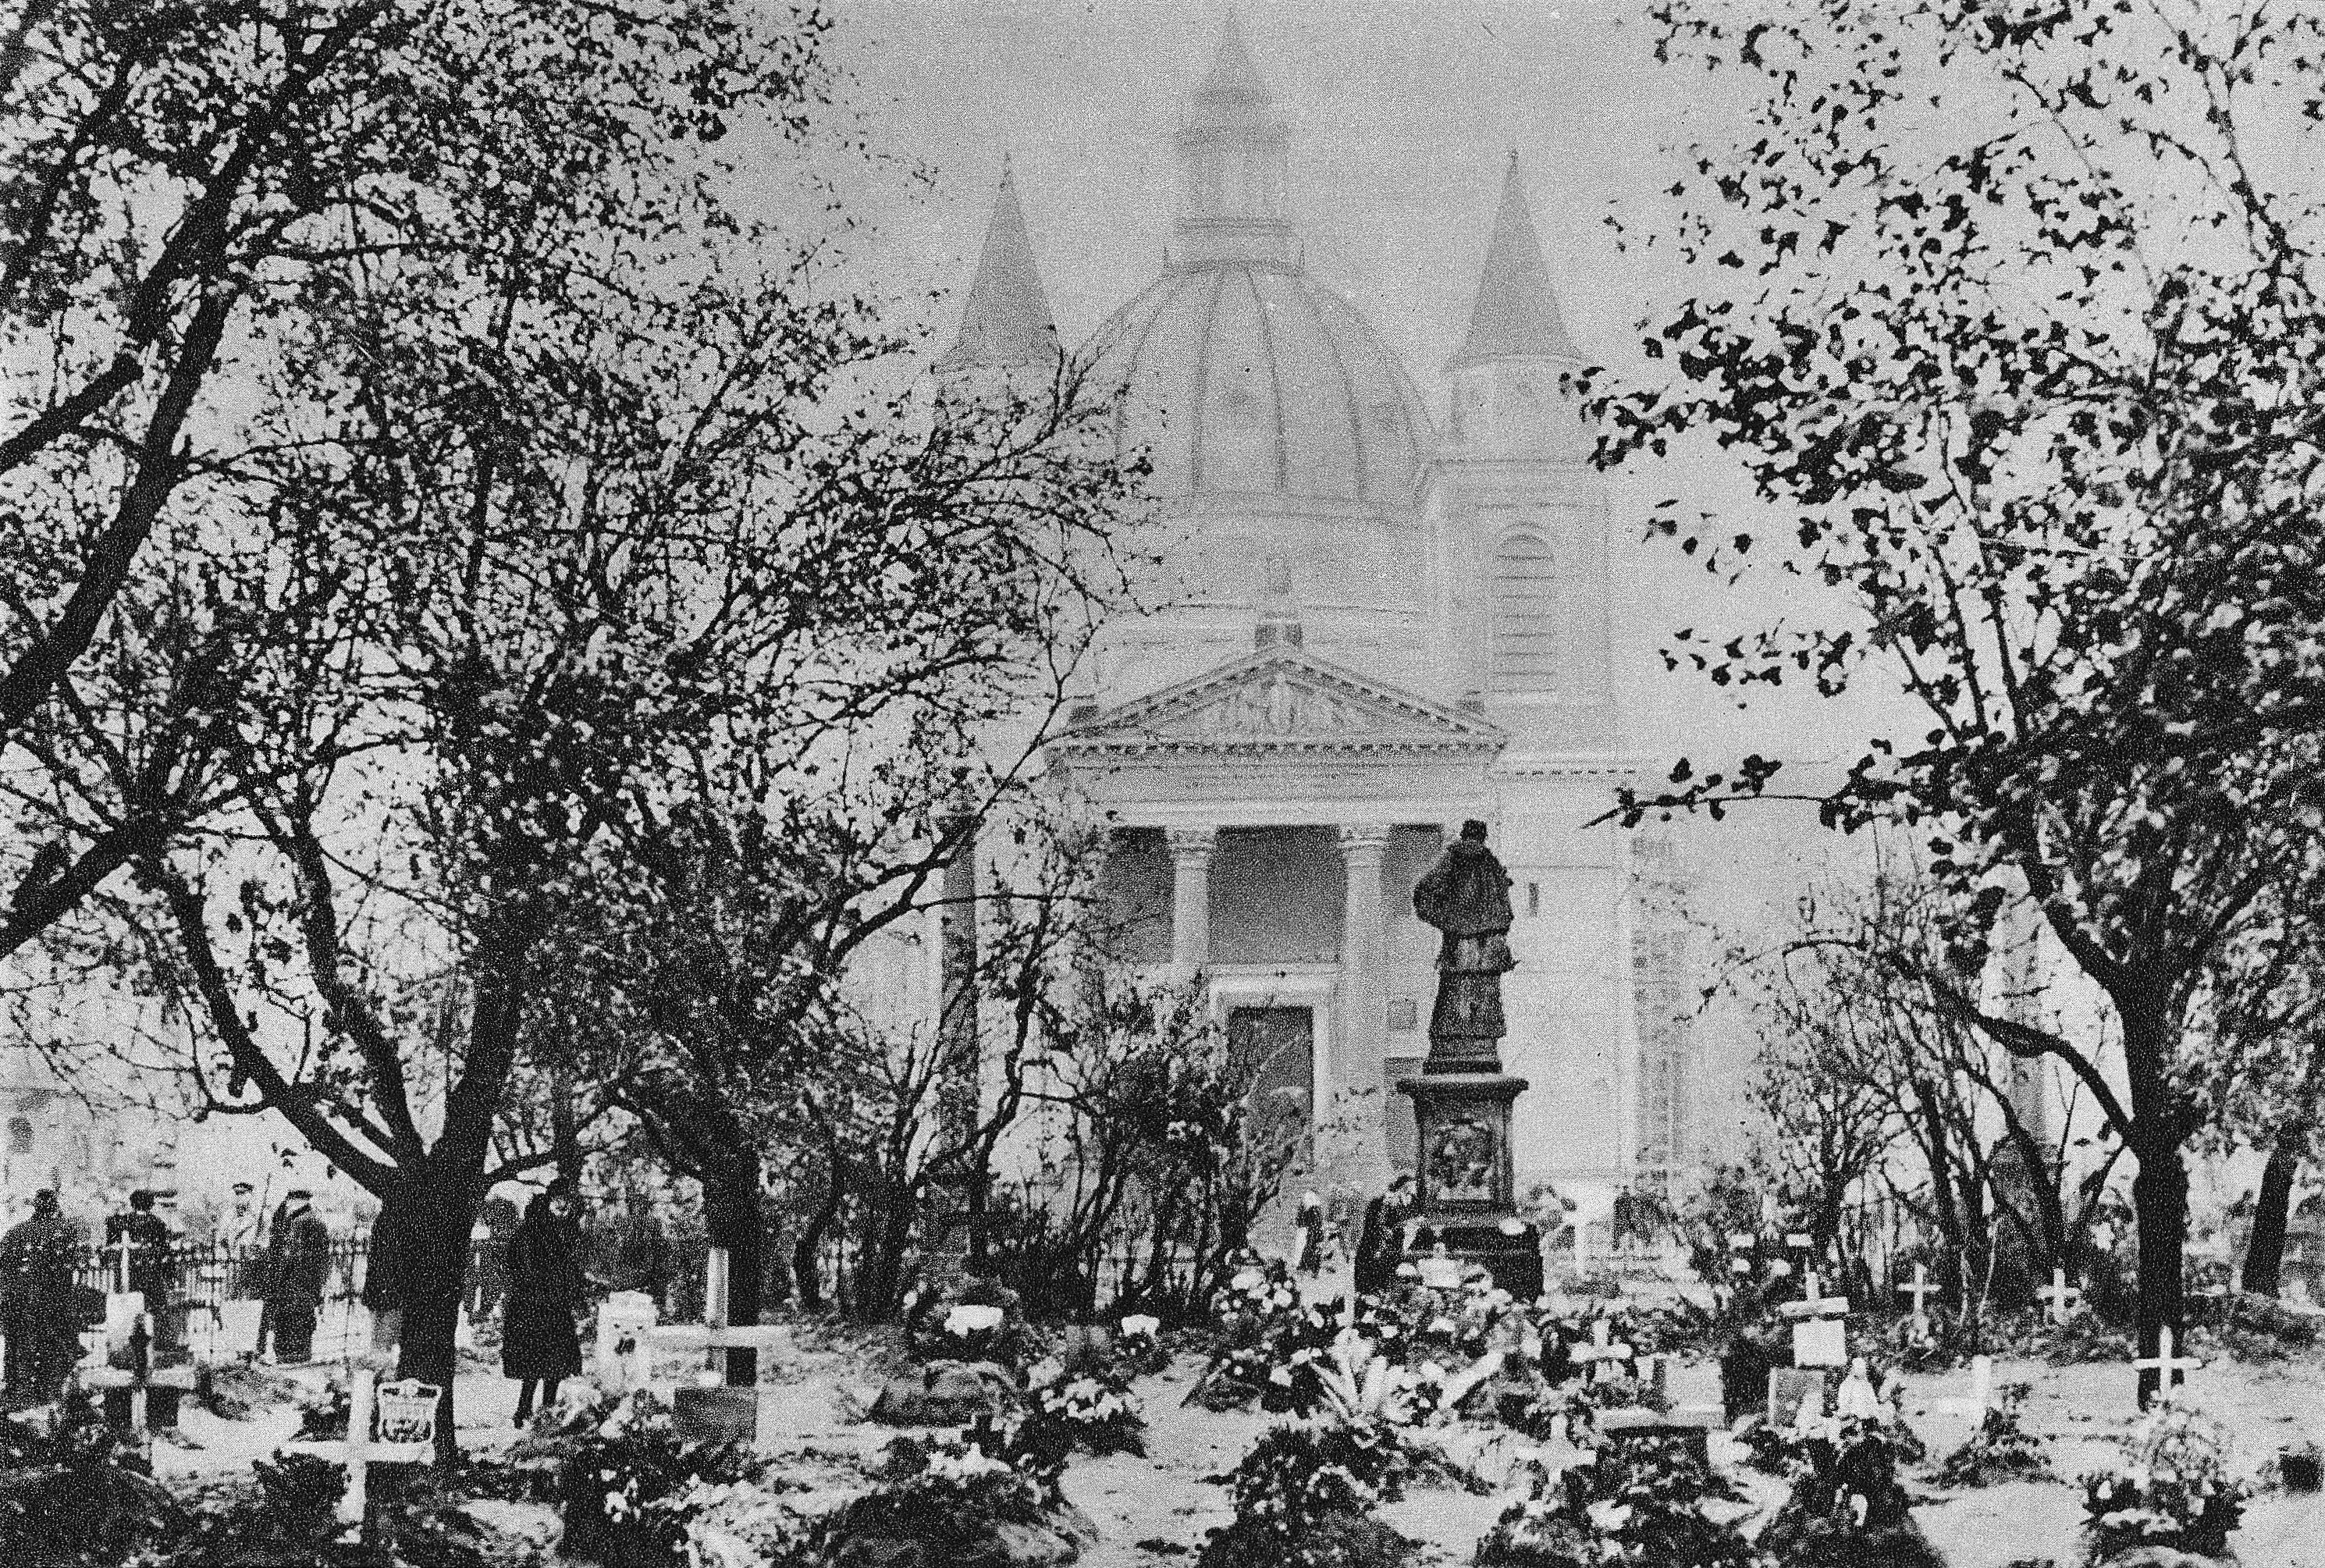 Groby_na_placu_Trzech_Krzyży_1939